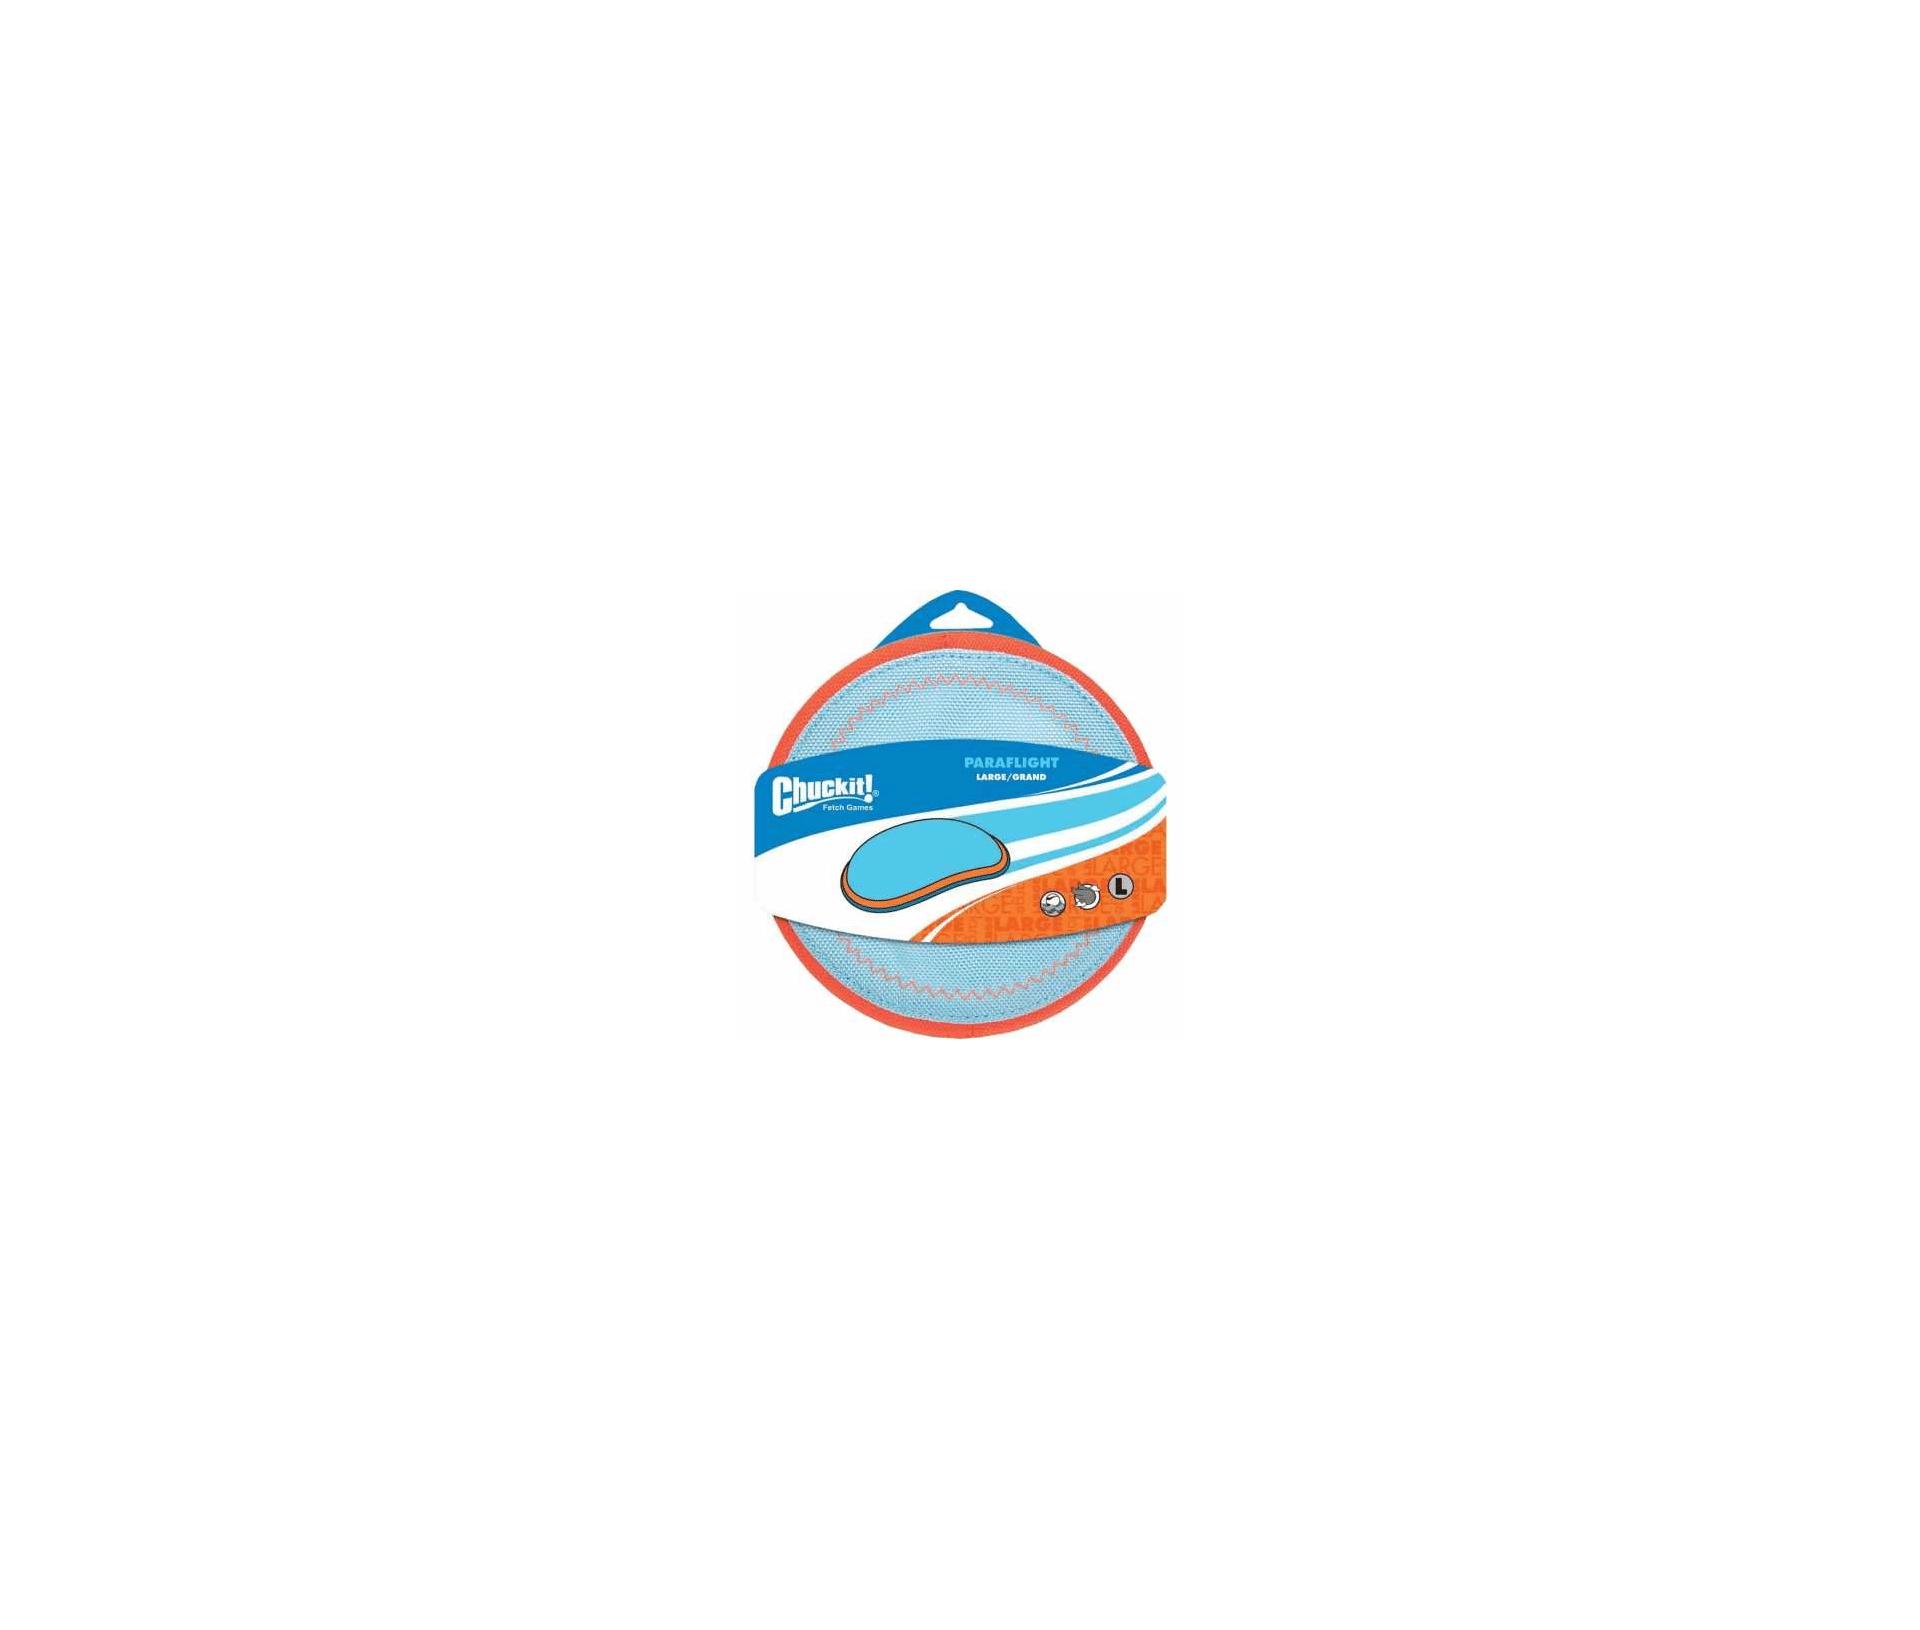 Chuckit Paraflight Flyer